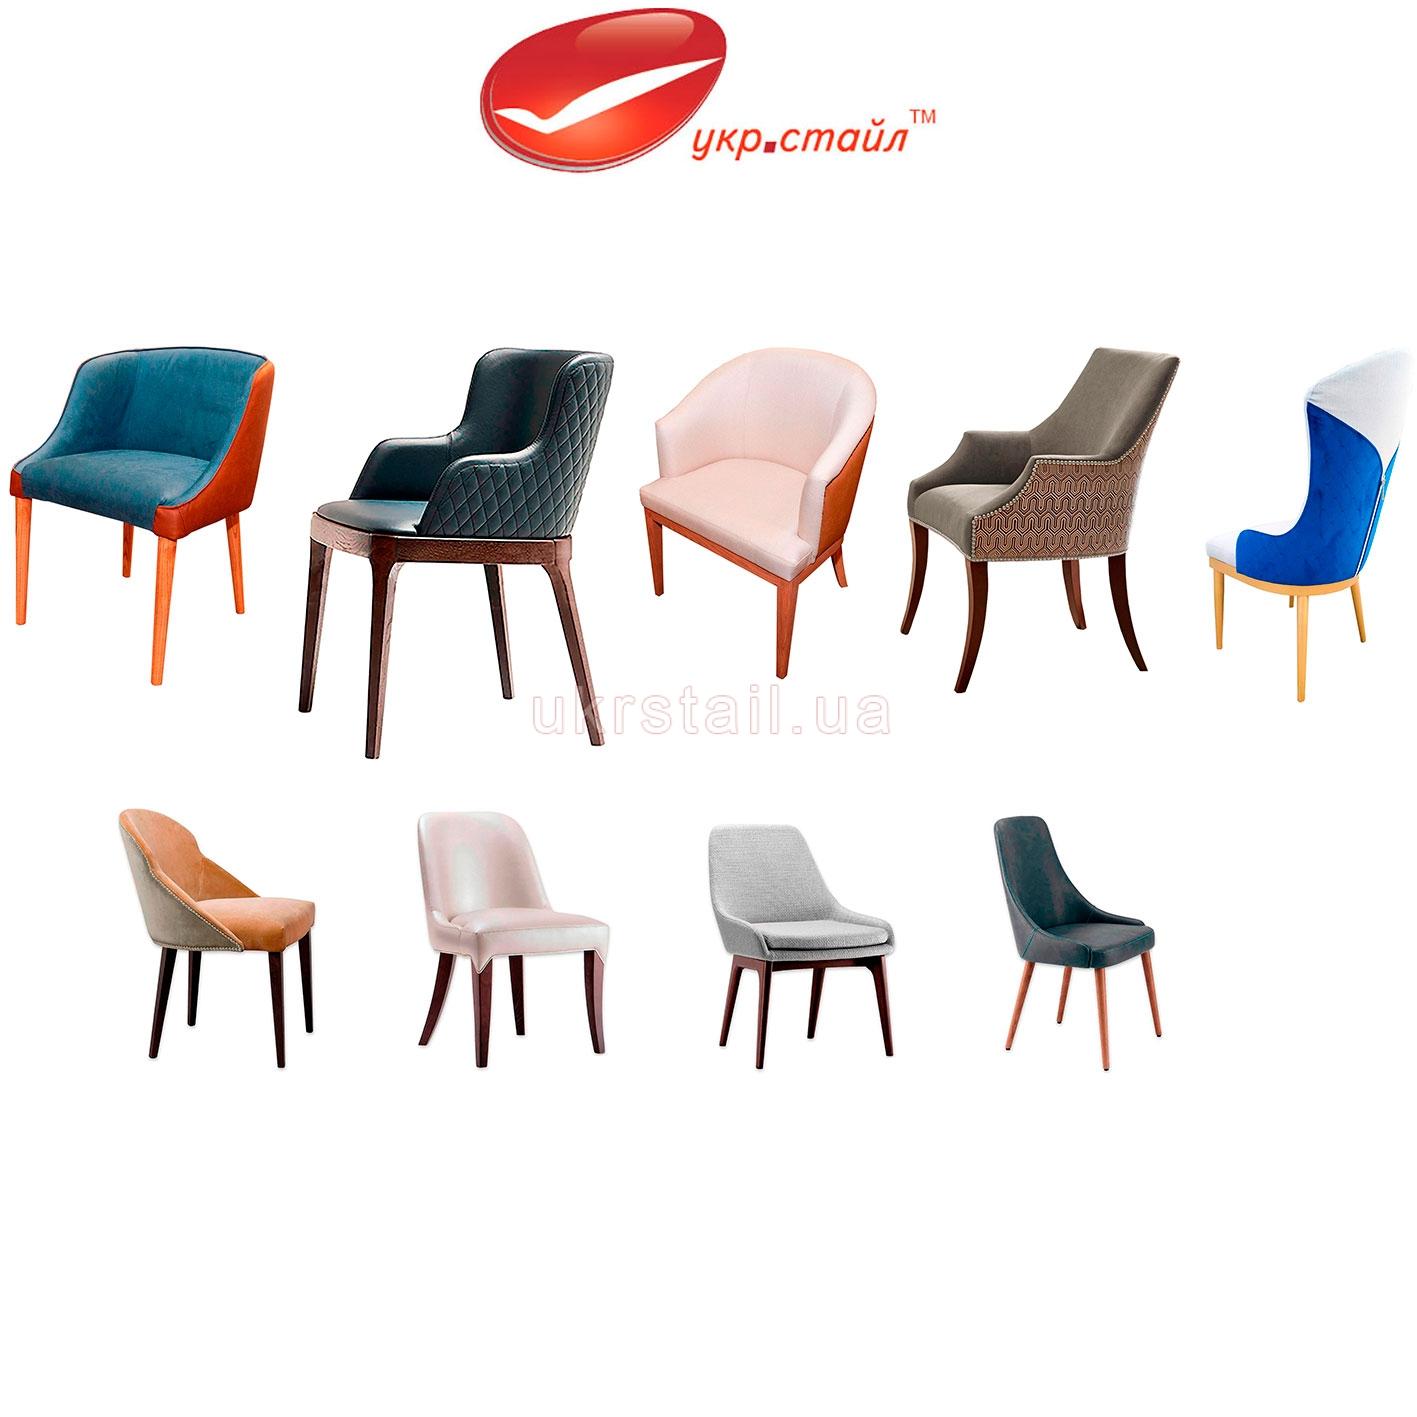 Кресла для ресторанов и стулья в ассортименте